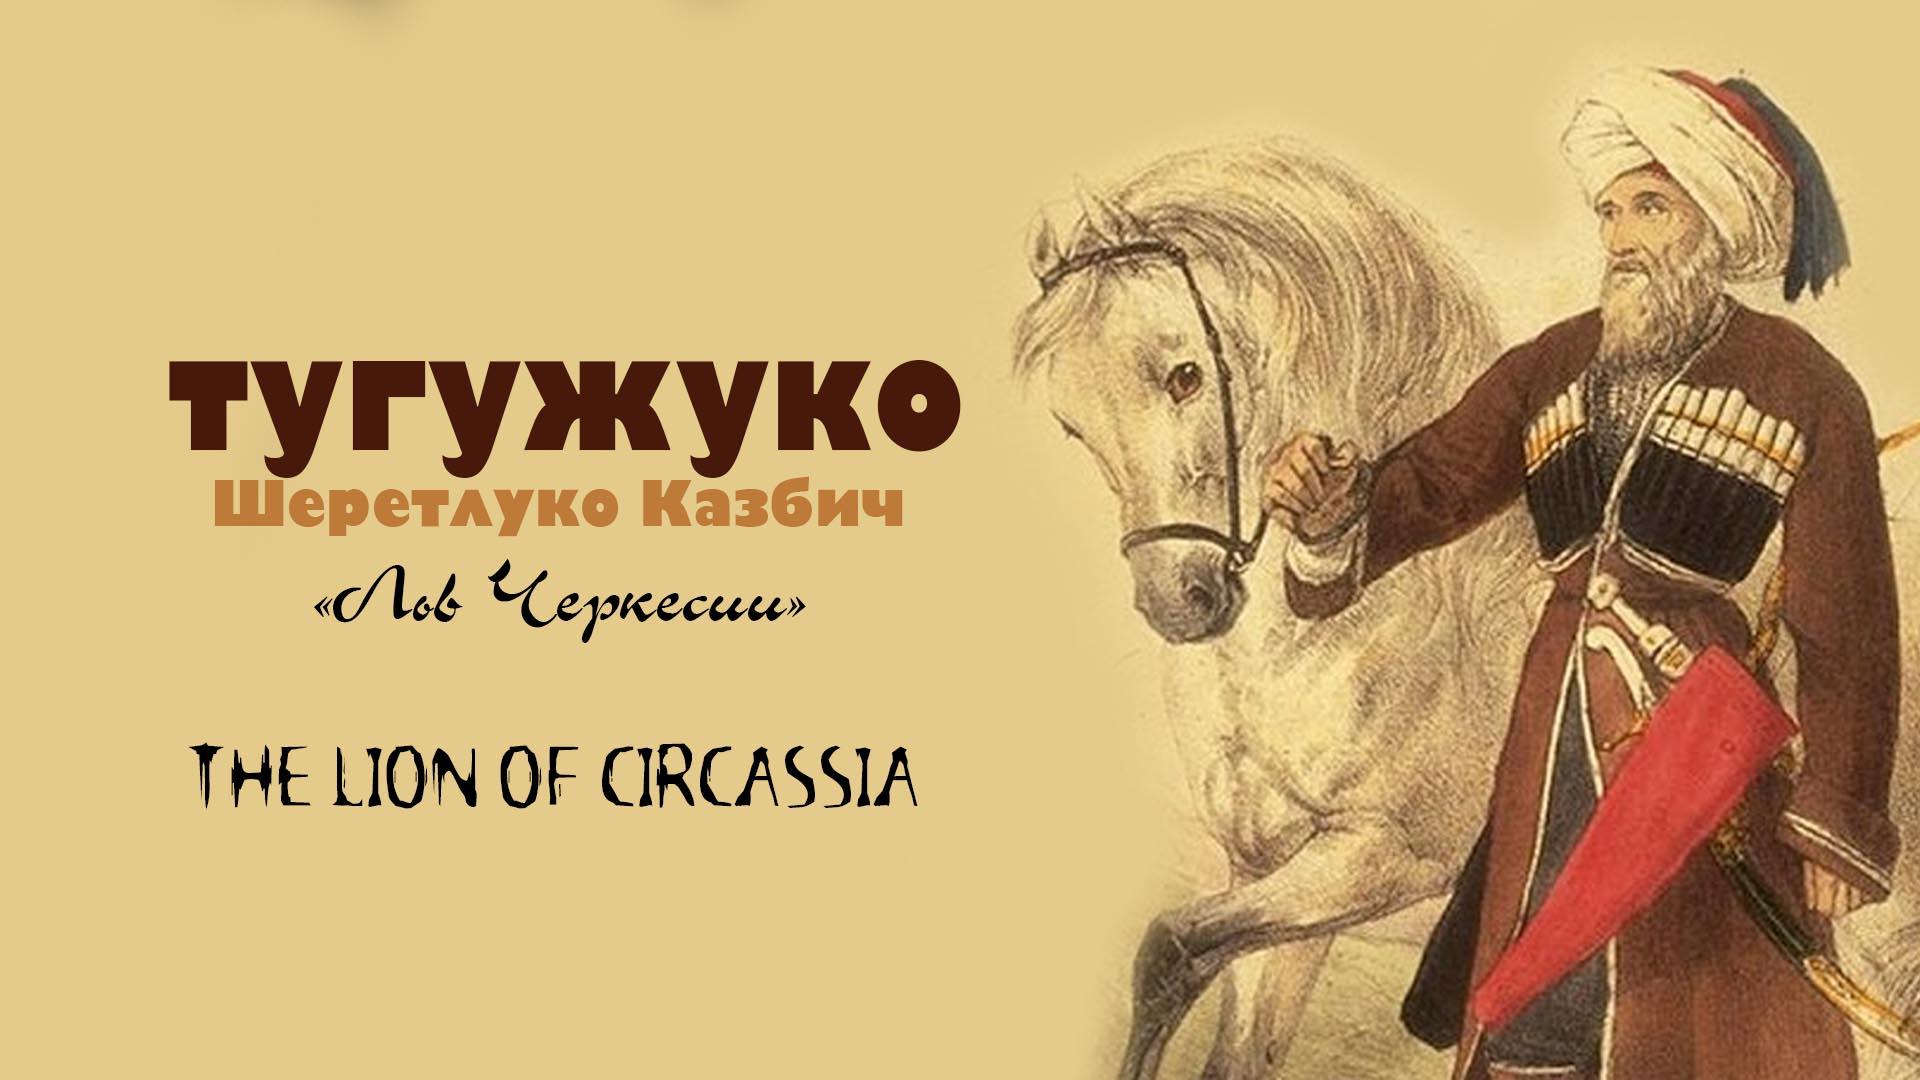 Казбеч Шеретлоко – «Лев Черкесии» Kazbech Sheretloko The Lion of Circassia